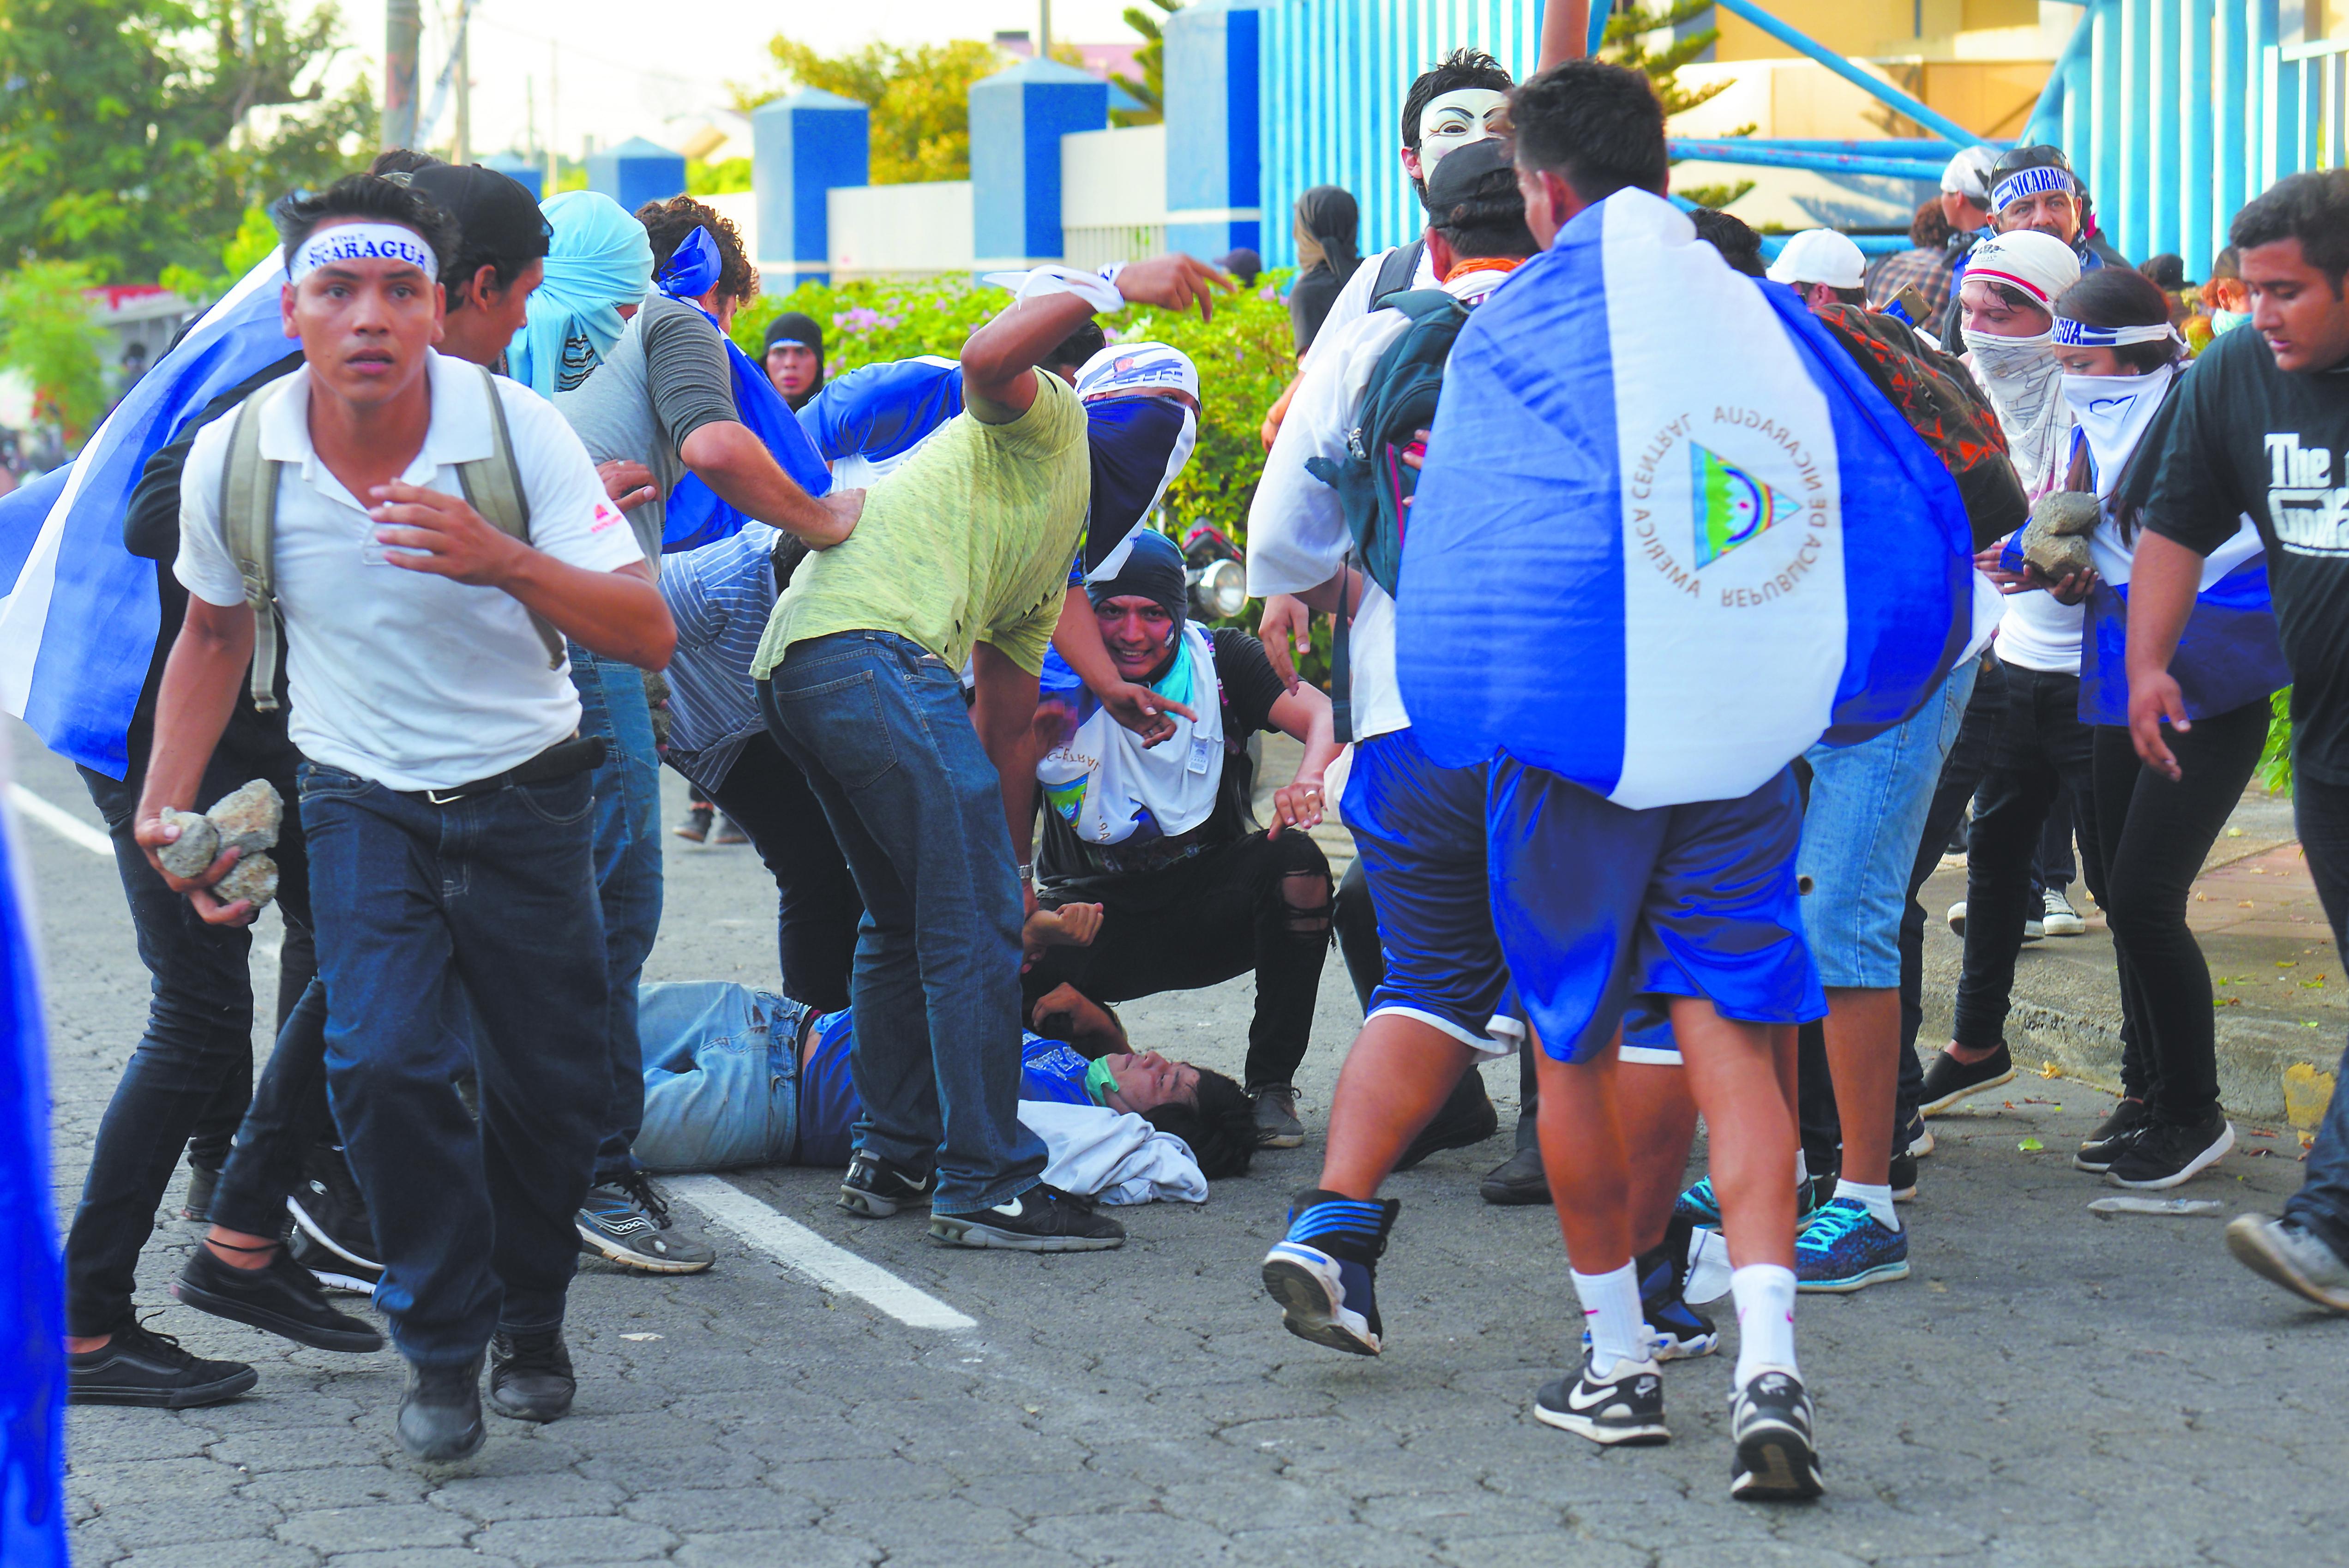 A las cinco de la tarde los manifestantes llegaron a la rotonda Rubén Darío y fue cuando se escucharon los primeros disparos. Foto Jader Flores/ LA PRENSA